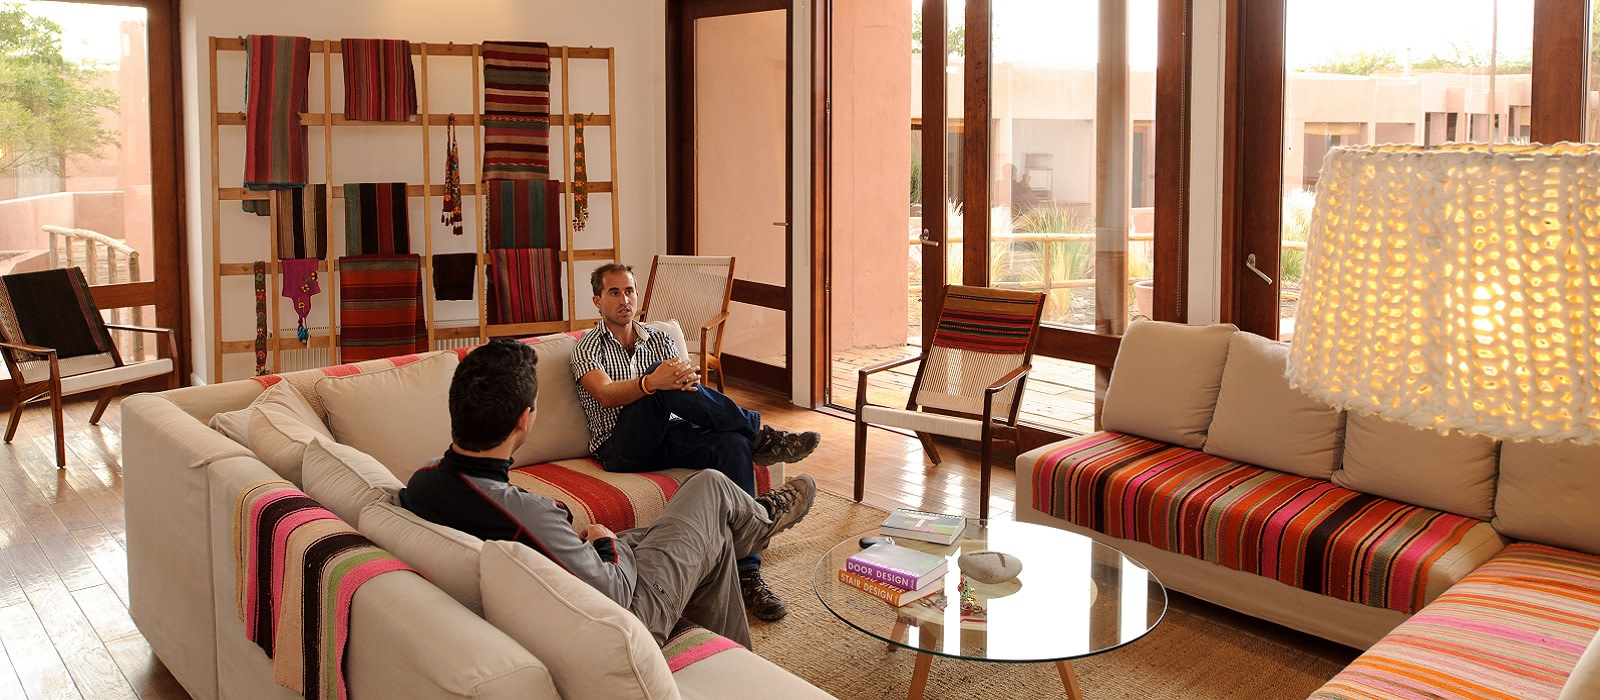 Hotel Noi Casa Atacama Chile